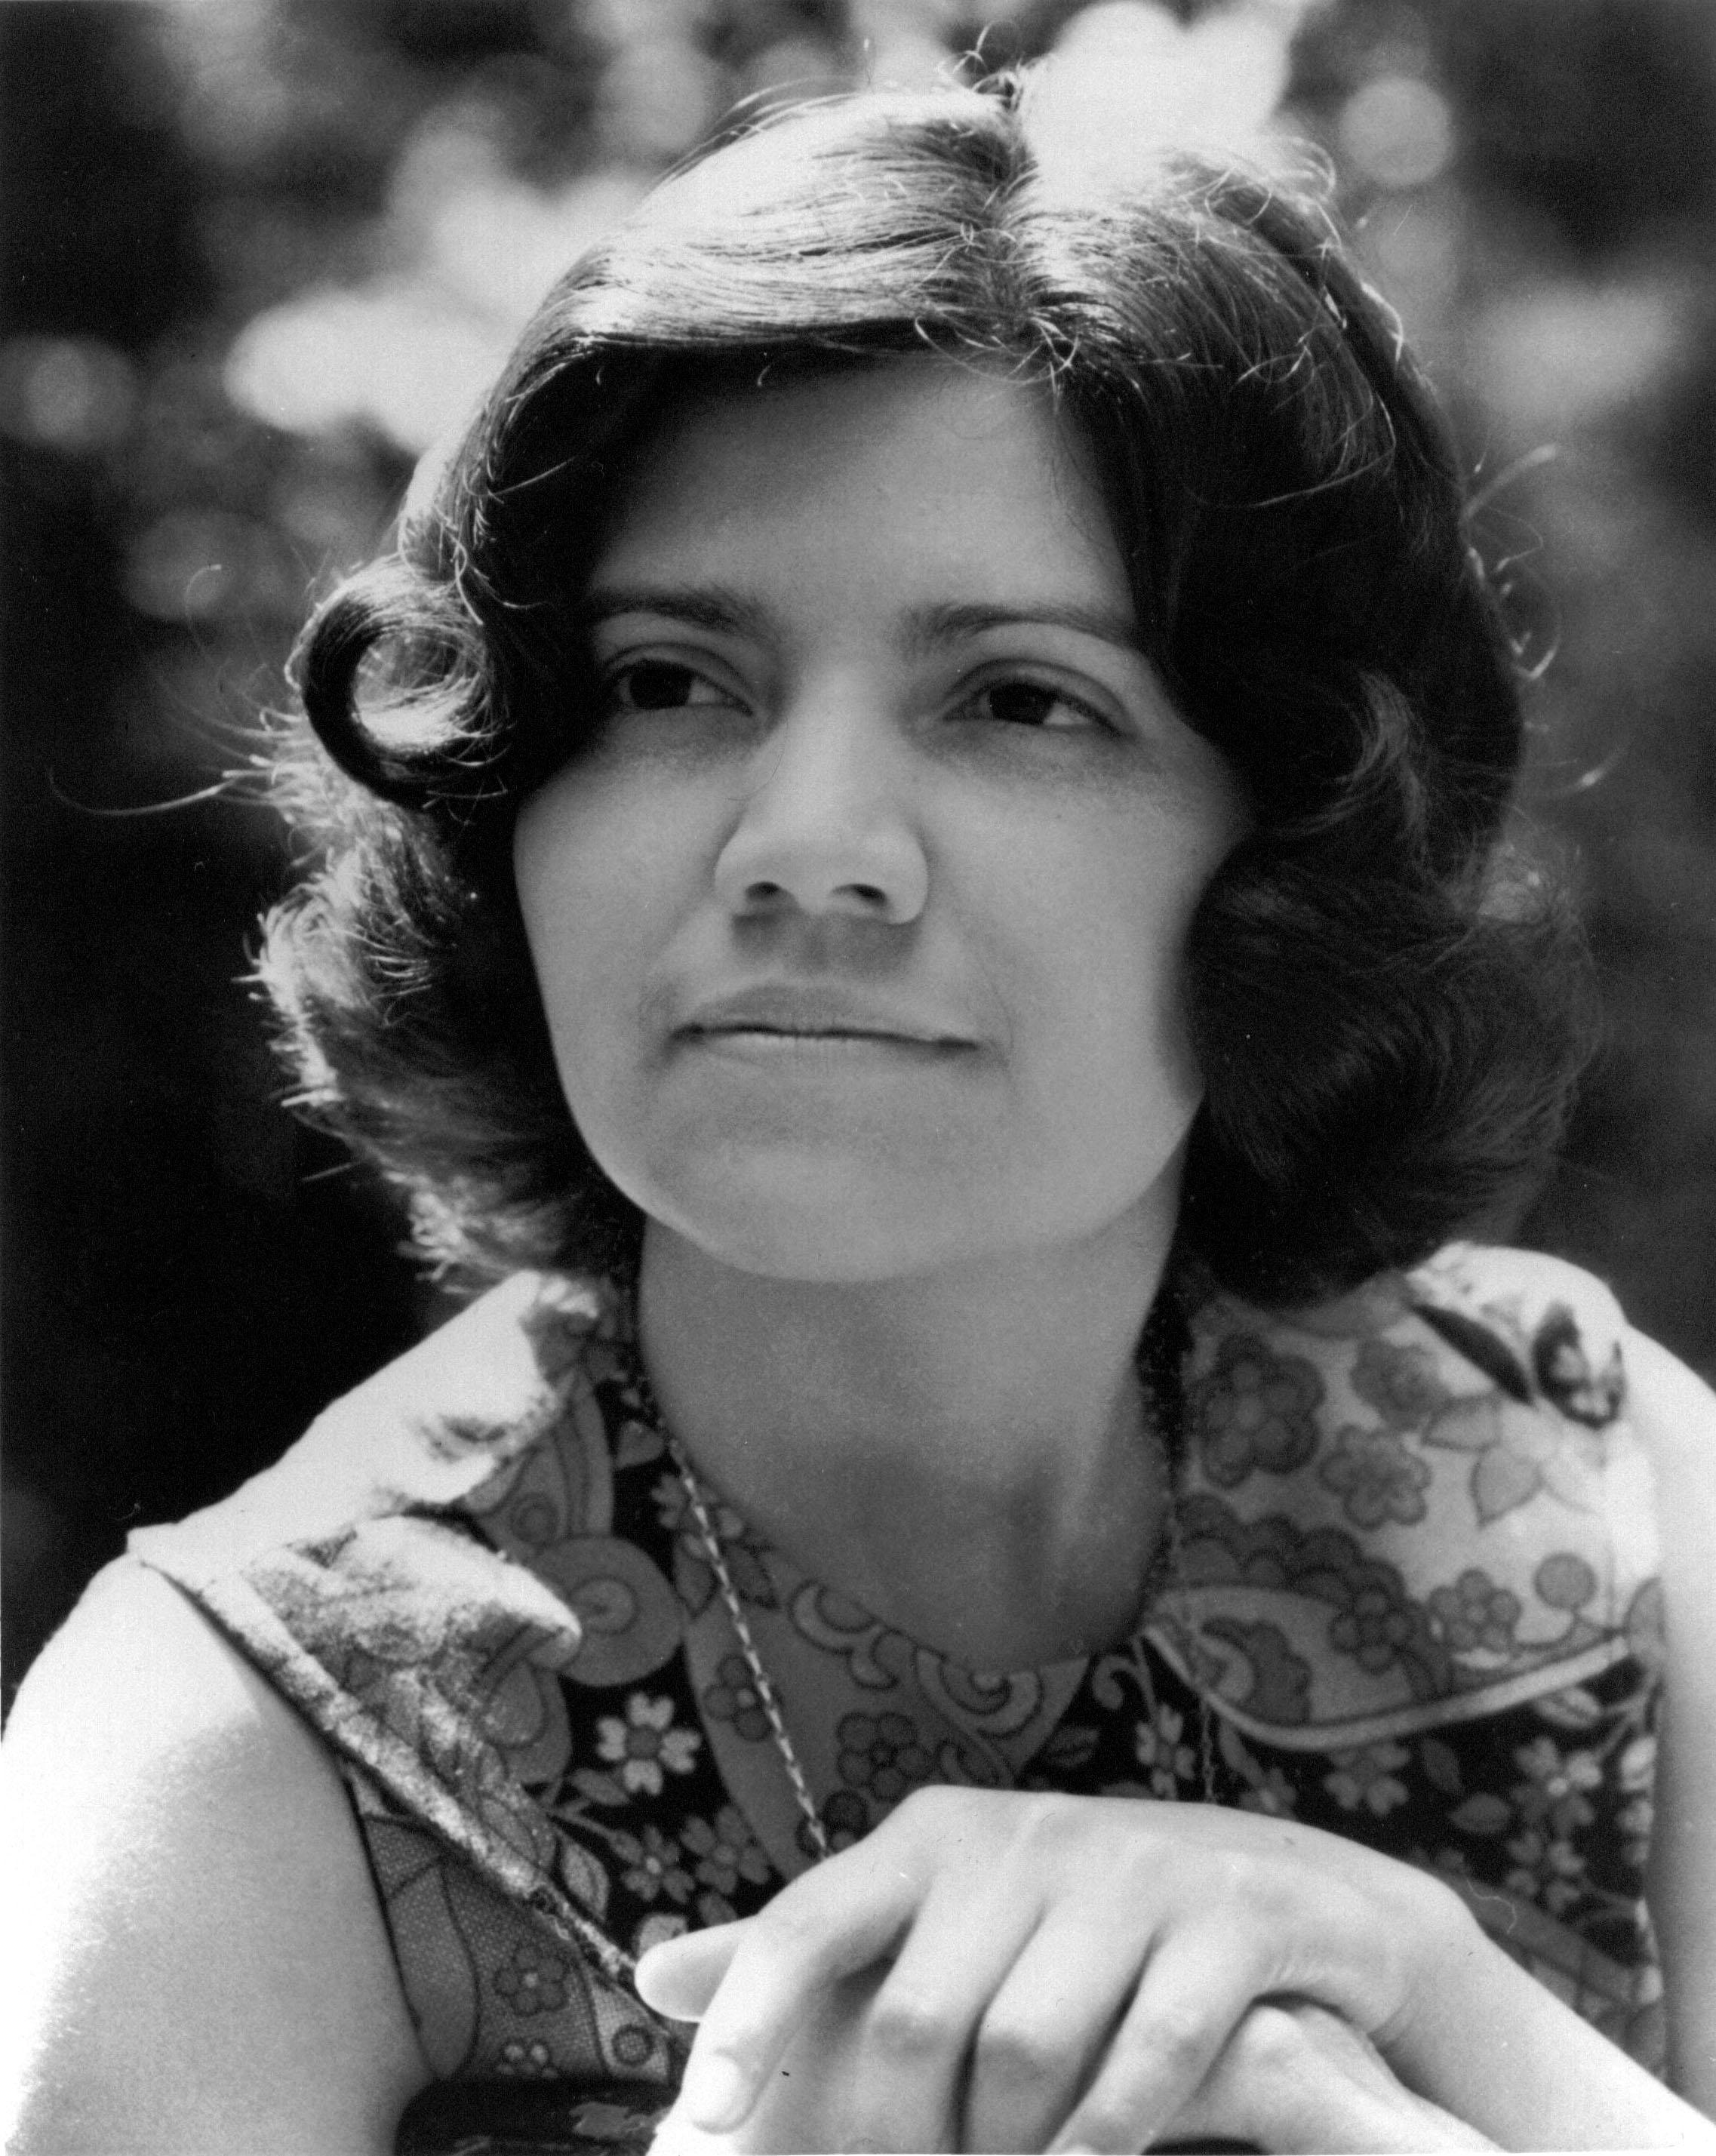 Margaret M. Barela (1946-2009)